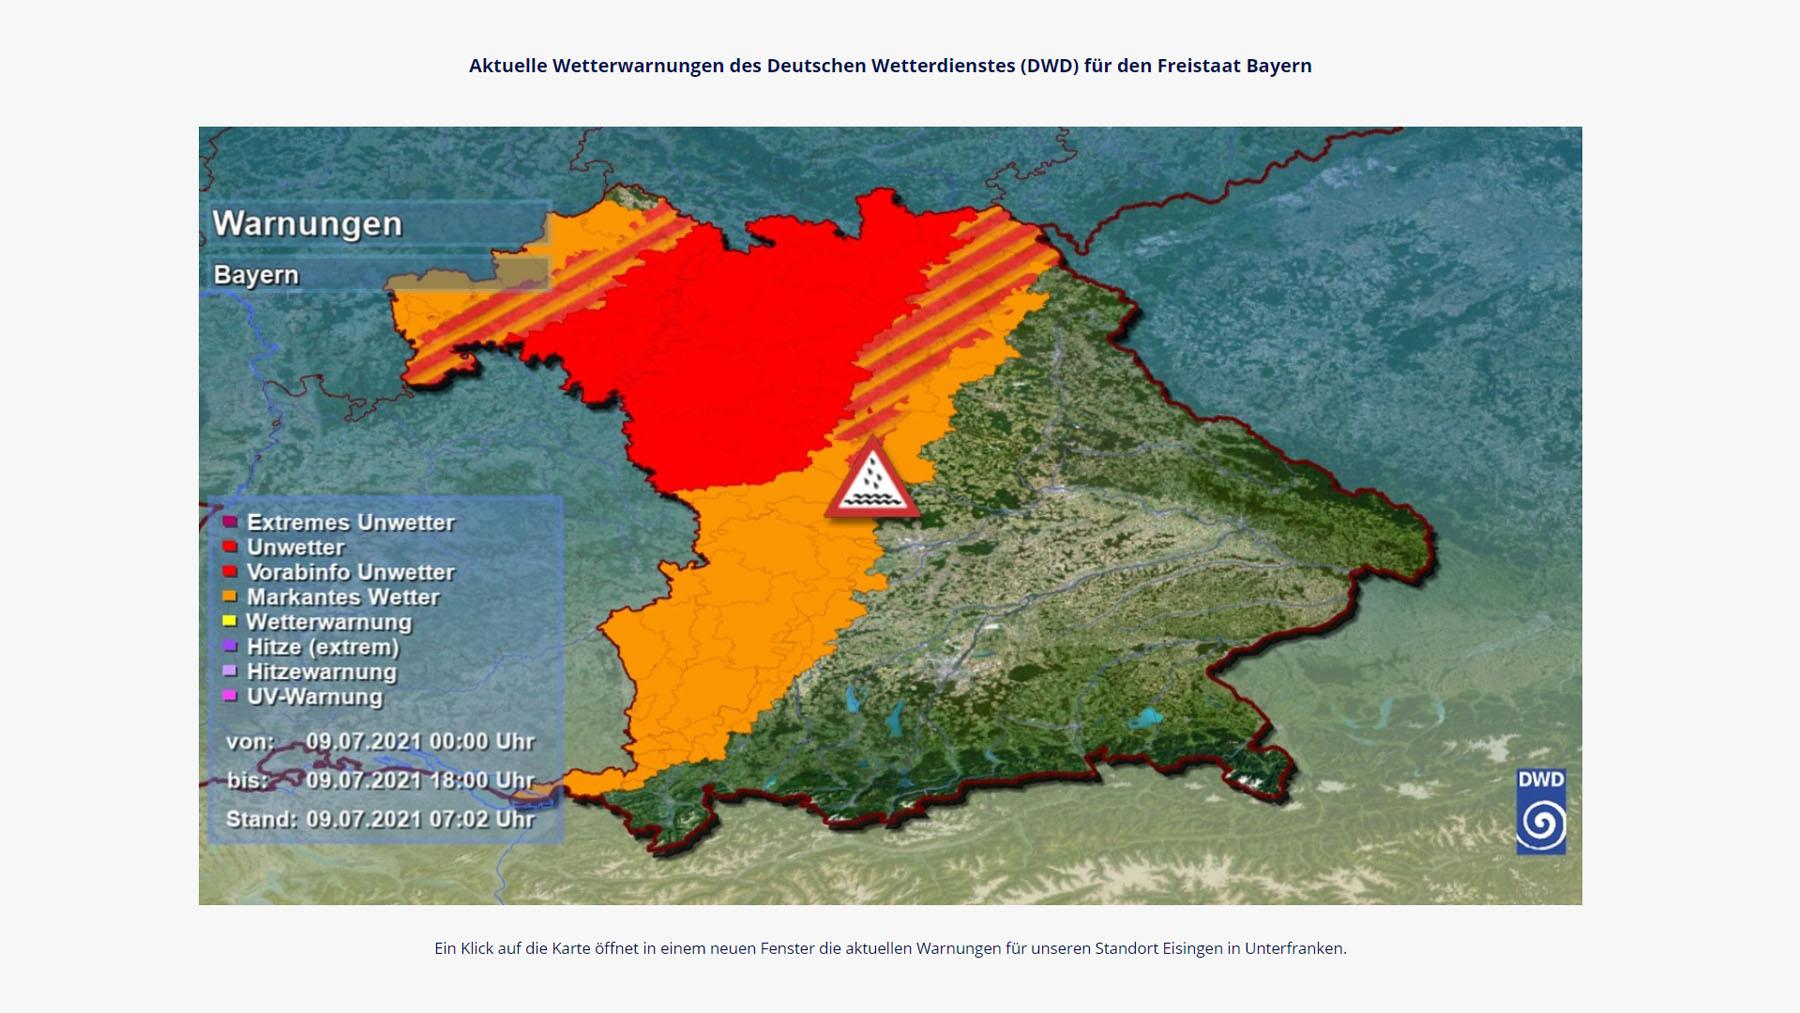 Aktuelle Wetterwarnungen des Deutschen Wetterdienstes am 9. Juli 2021 für den Freistaat Bayern